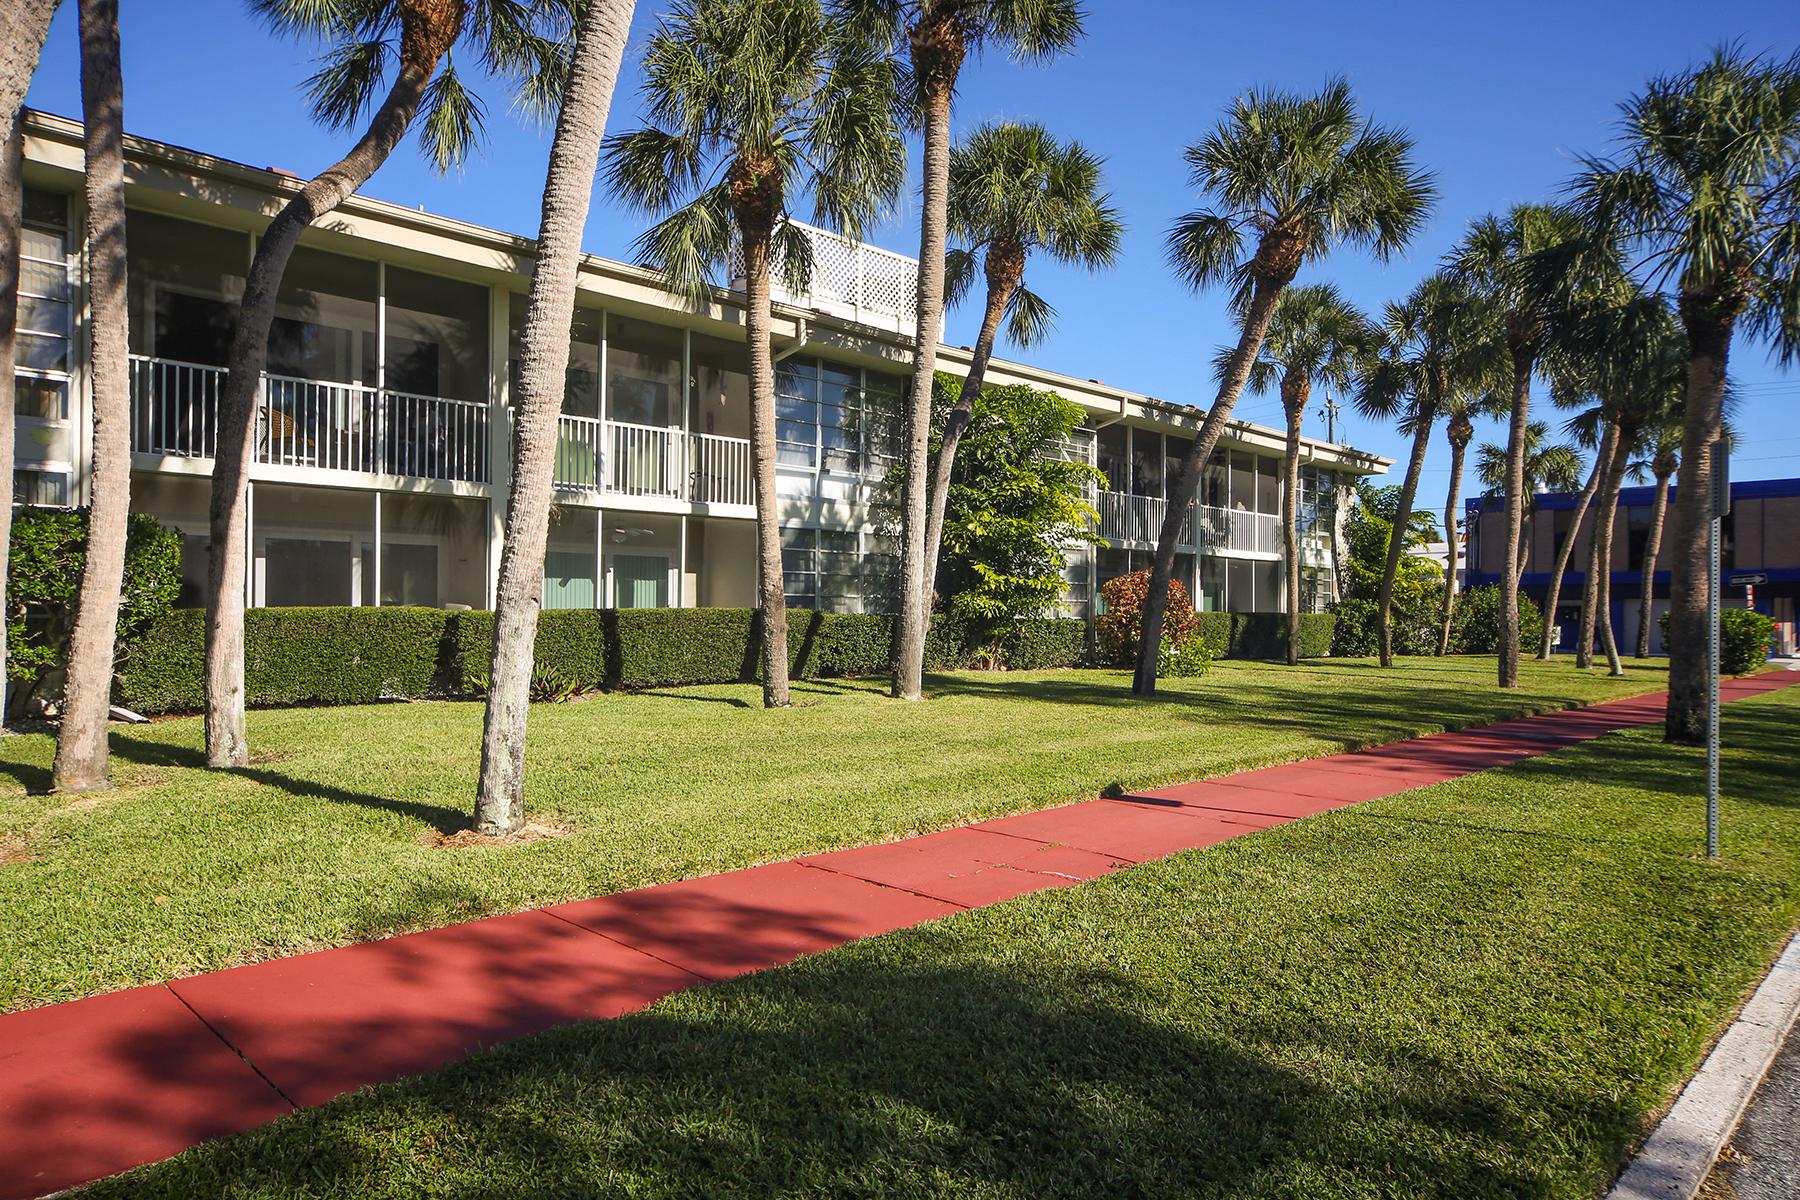 共管式独立产权公寓 为 出租 在 SARASOTA - KINGSTON ARMS 500 S Washington Dr 2B, 萨拉索塔, 佛罗里达州, 34236 美国